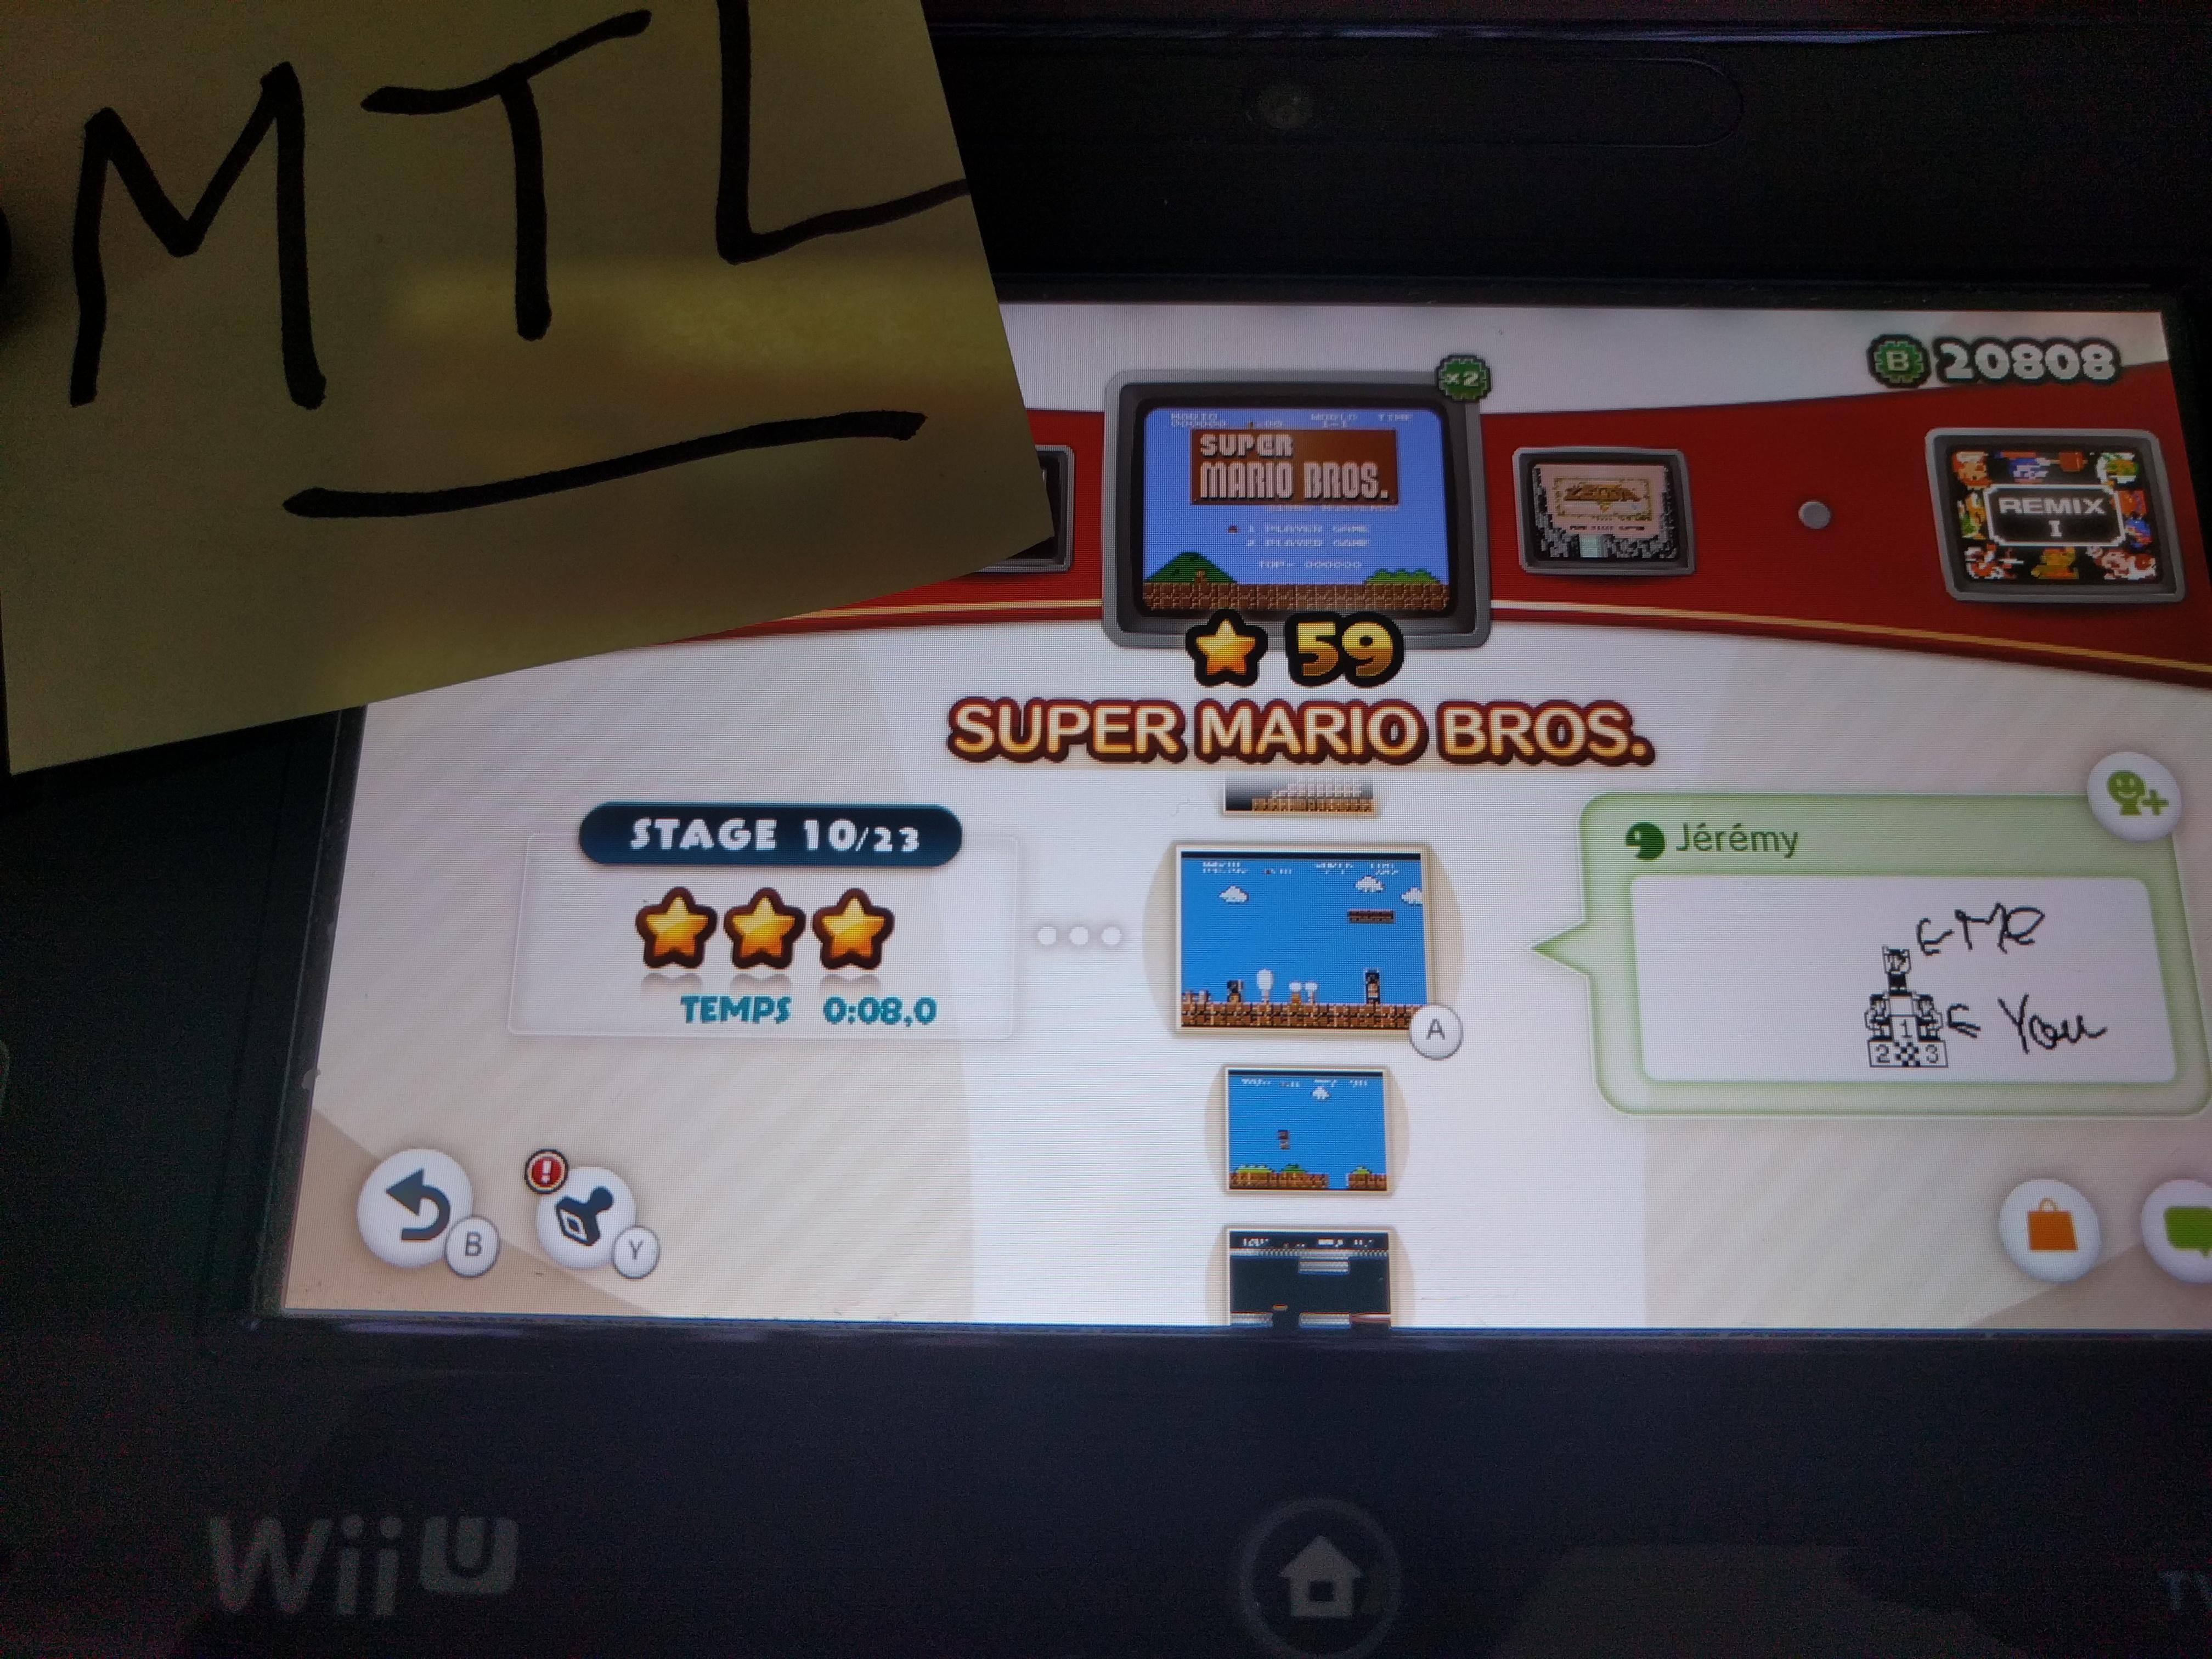 Mantalow: NES Remix: Super Mario Bros: Stage 10 (Wii U) 0:00:08 points on 2016-06-10 05:18:57